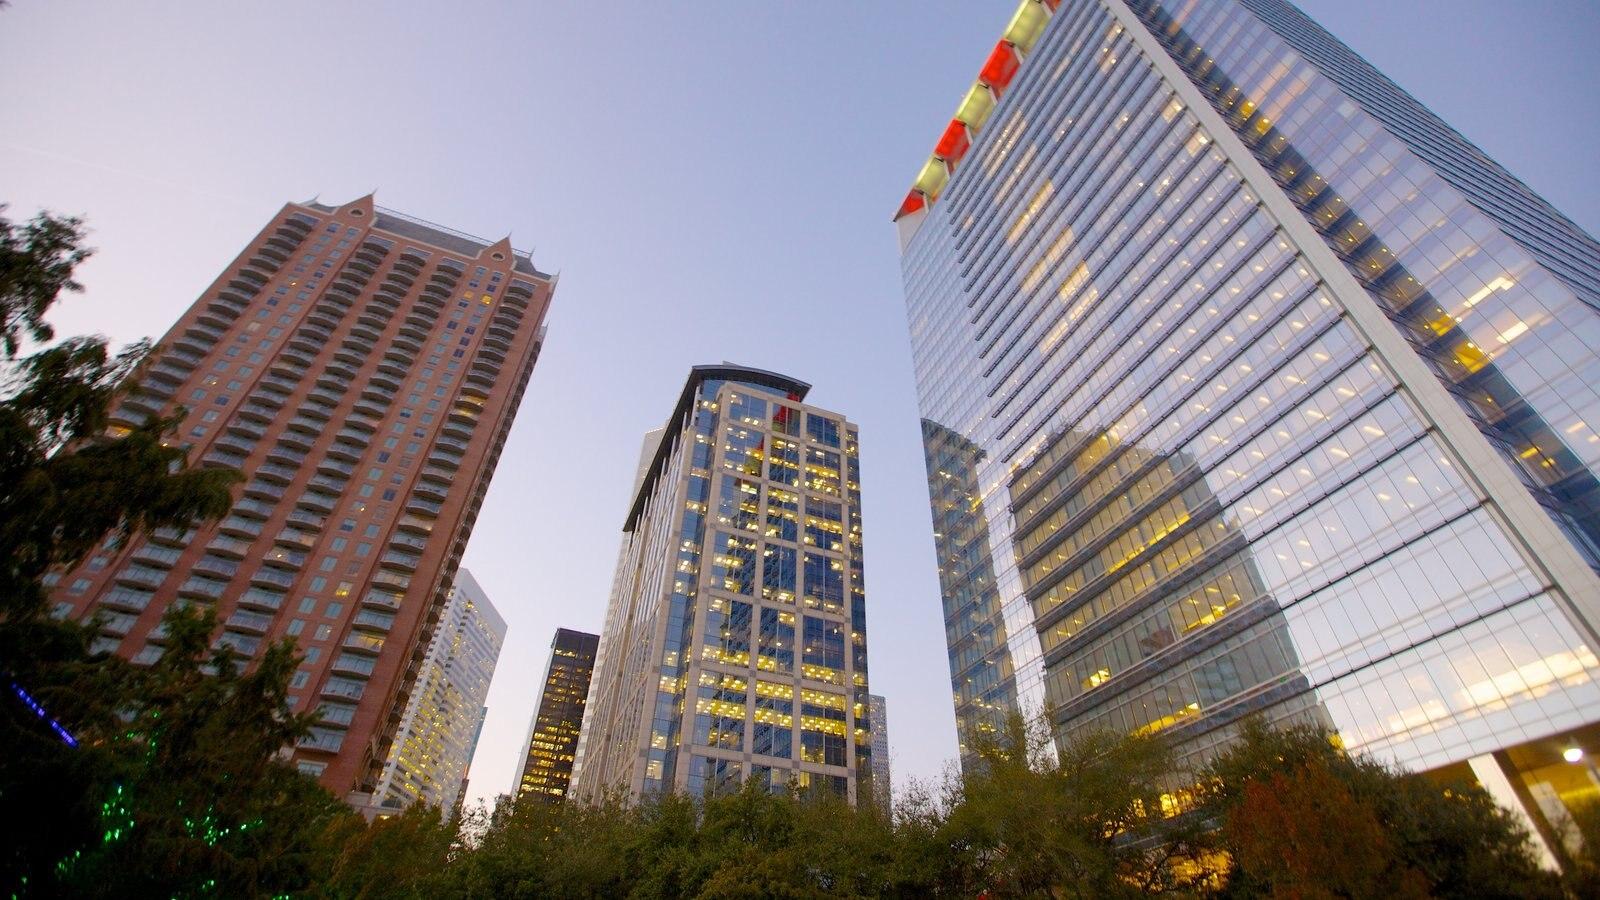 Discovery Green que inclui arquitetura moderna, paisagens da cidade e um edifício